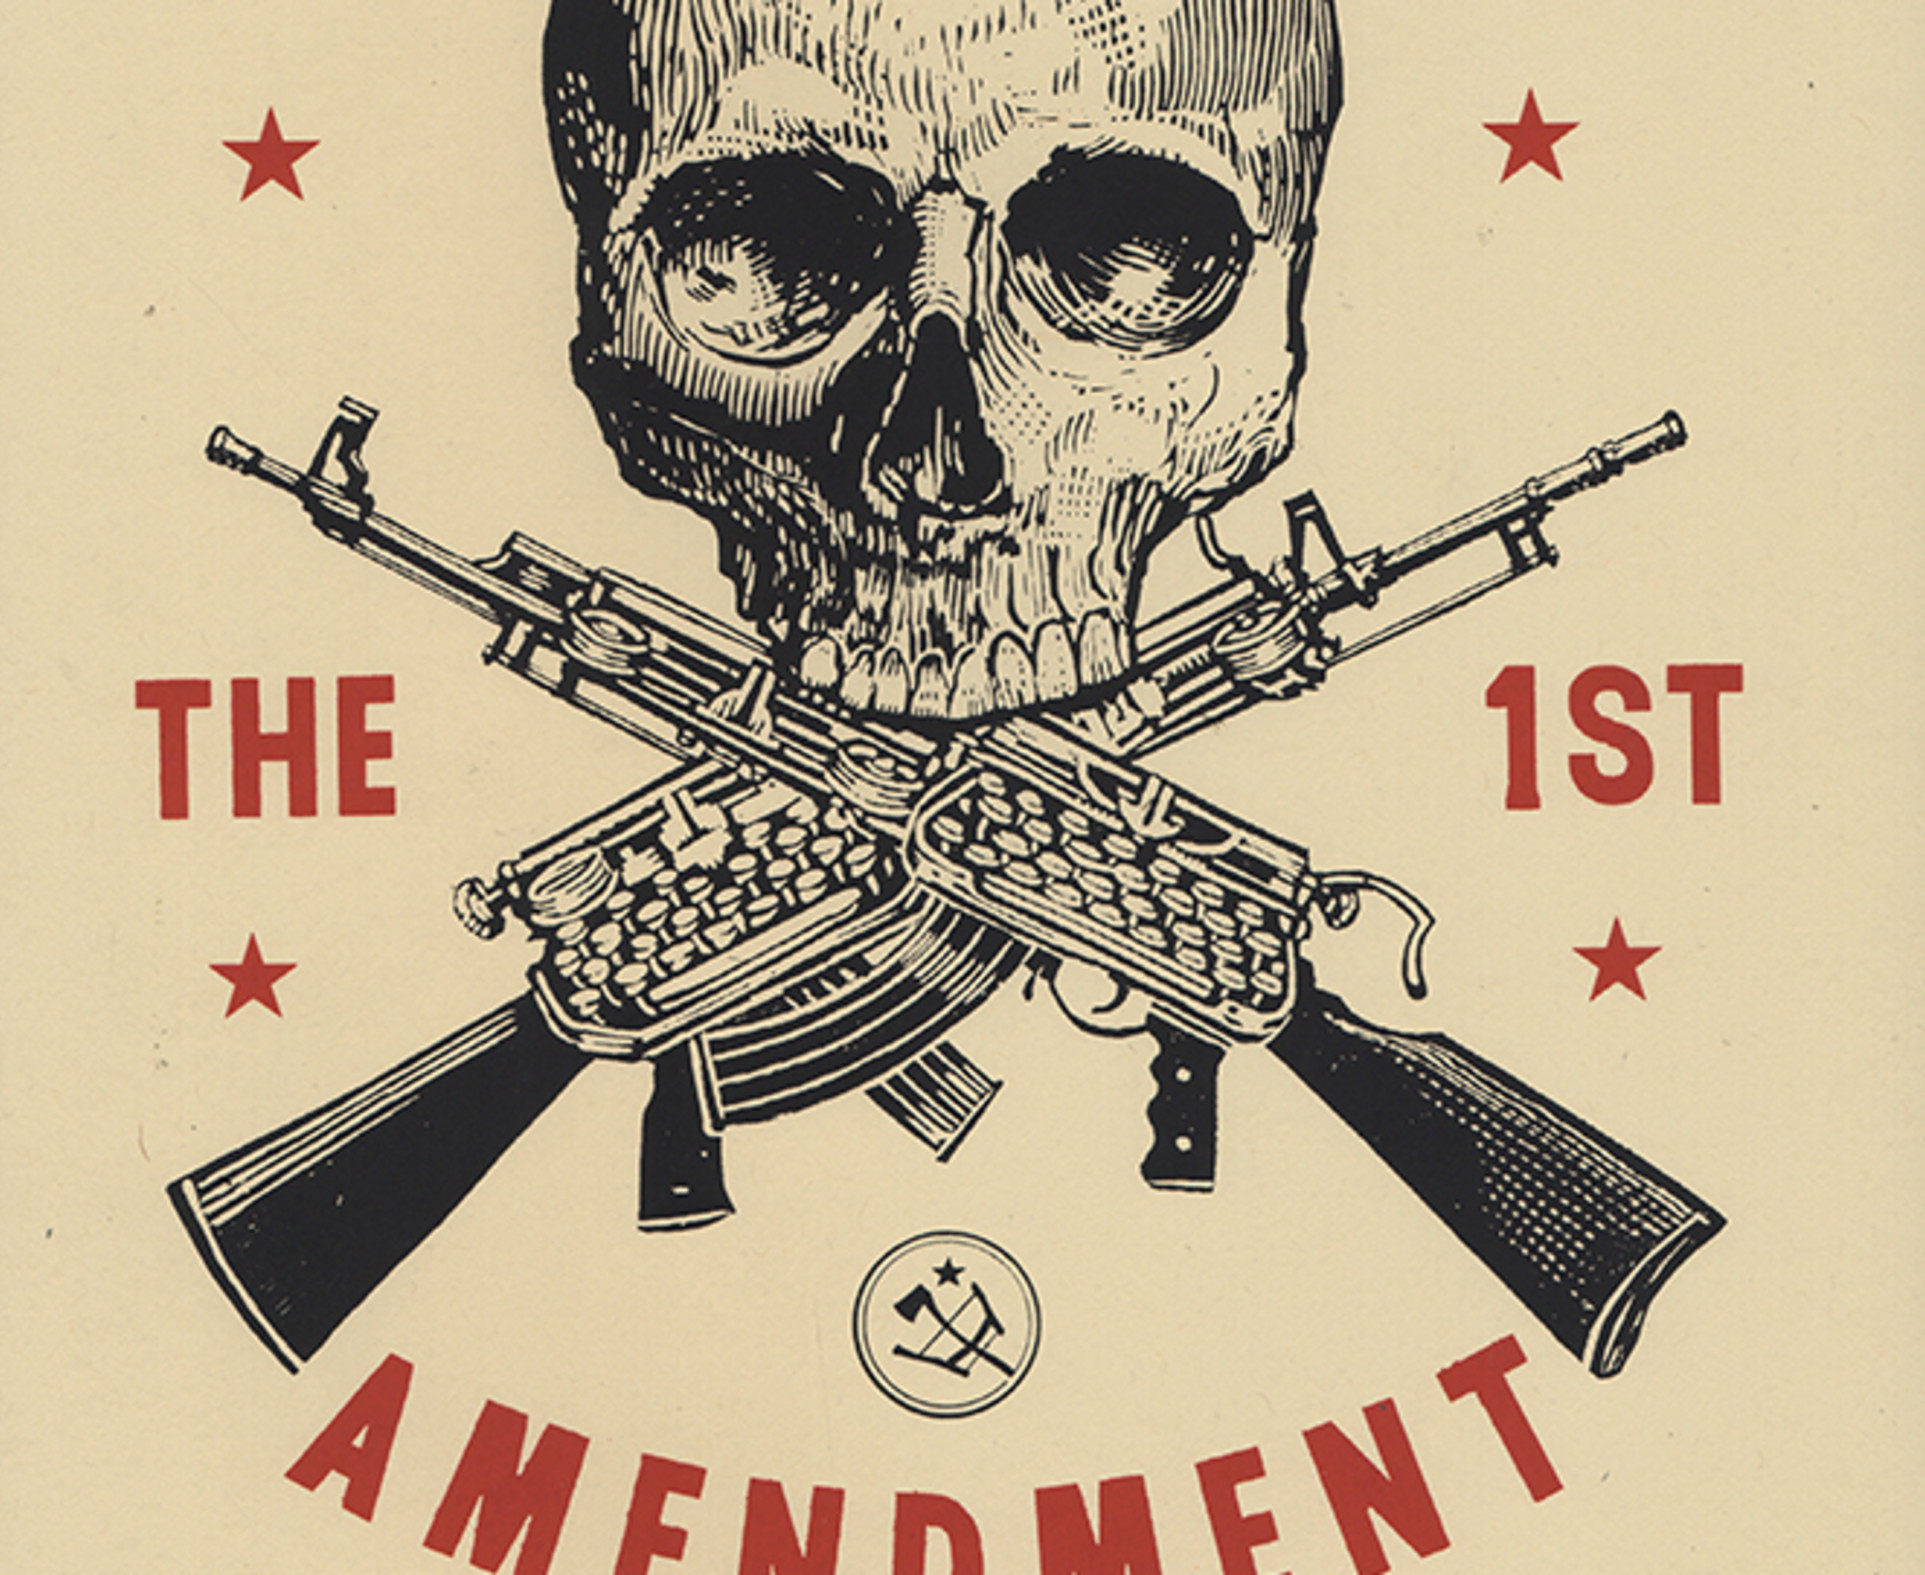 Ravi Zupa, I Support The 1st Amendment, 2019